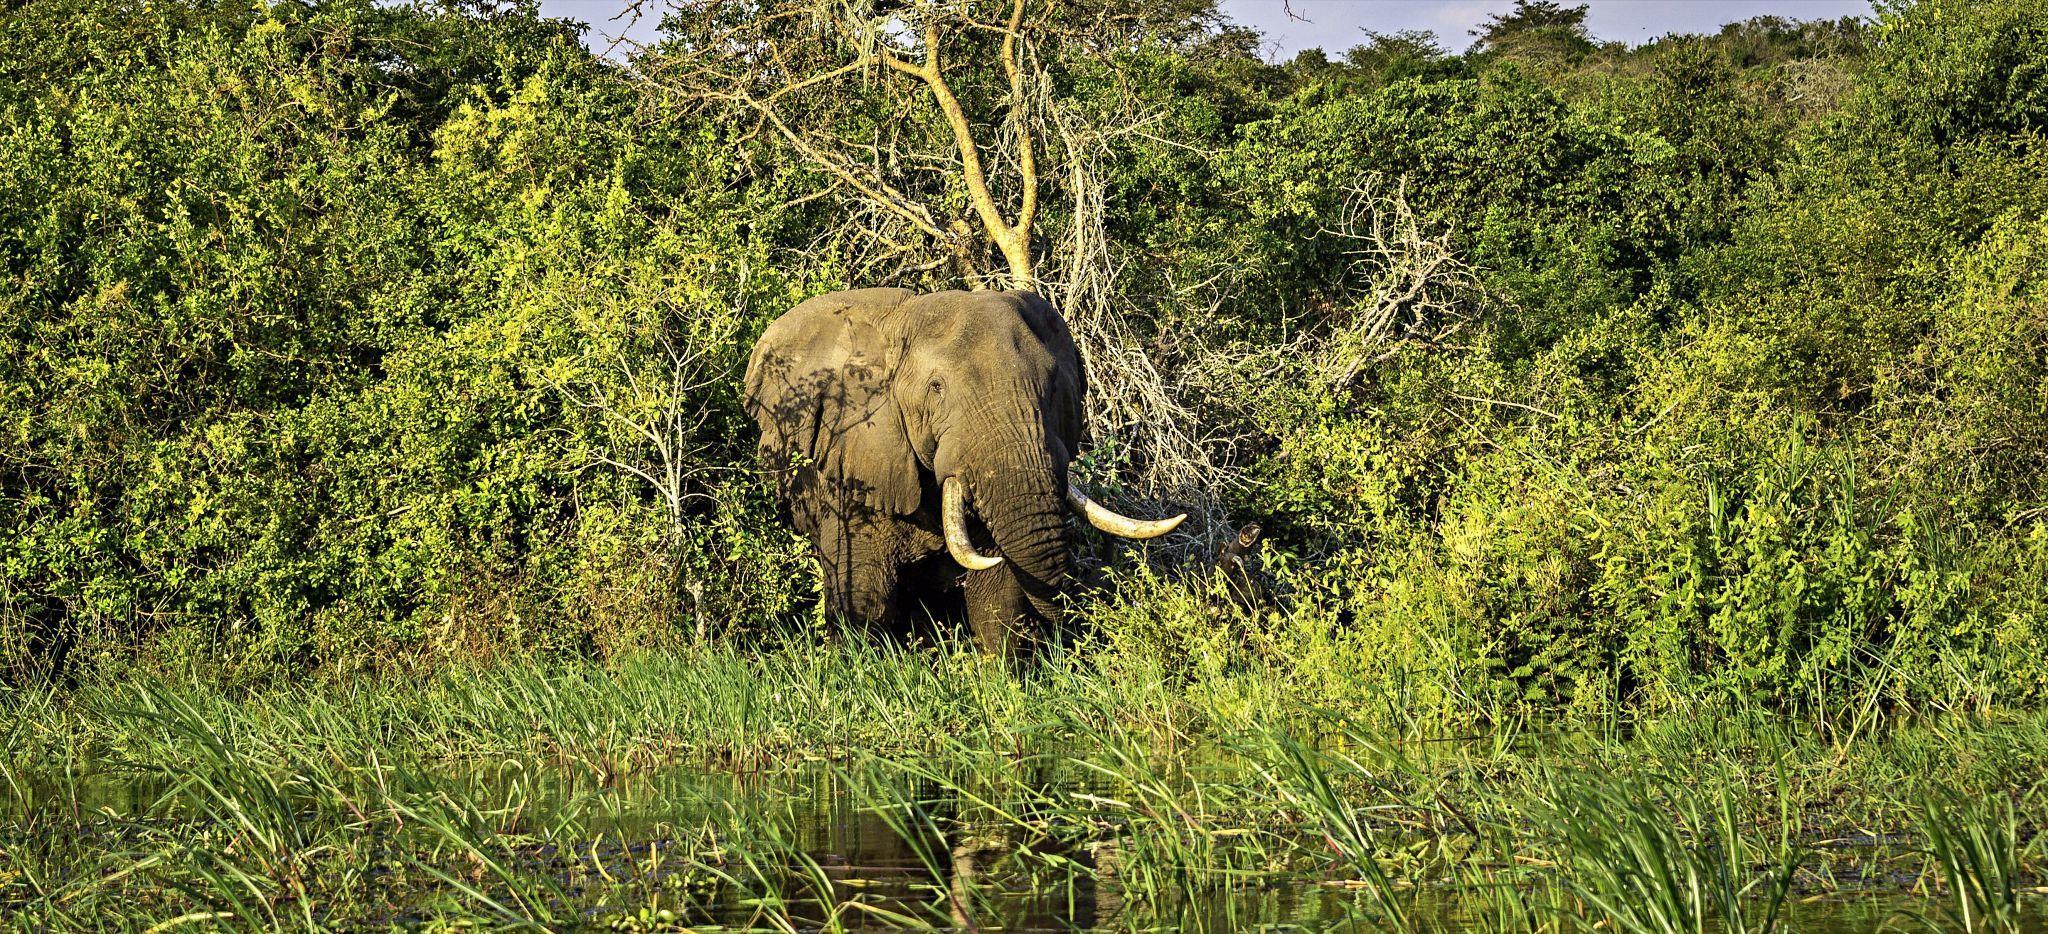 Ein Elefant im Dickicht, in der Nähe des Magashi Camp, Ruanda